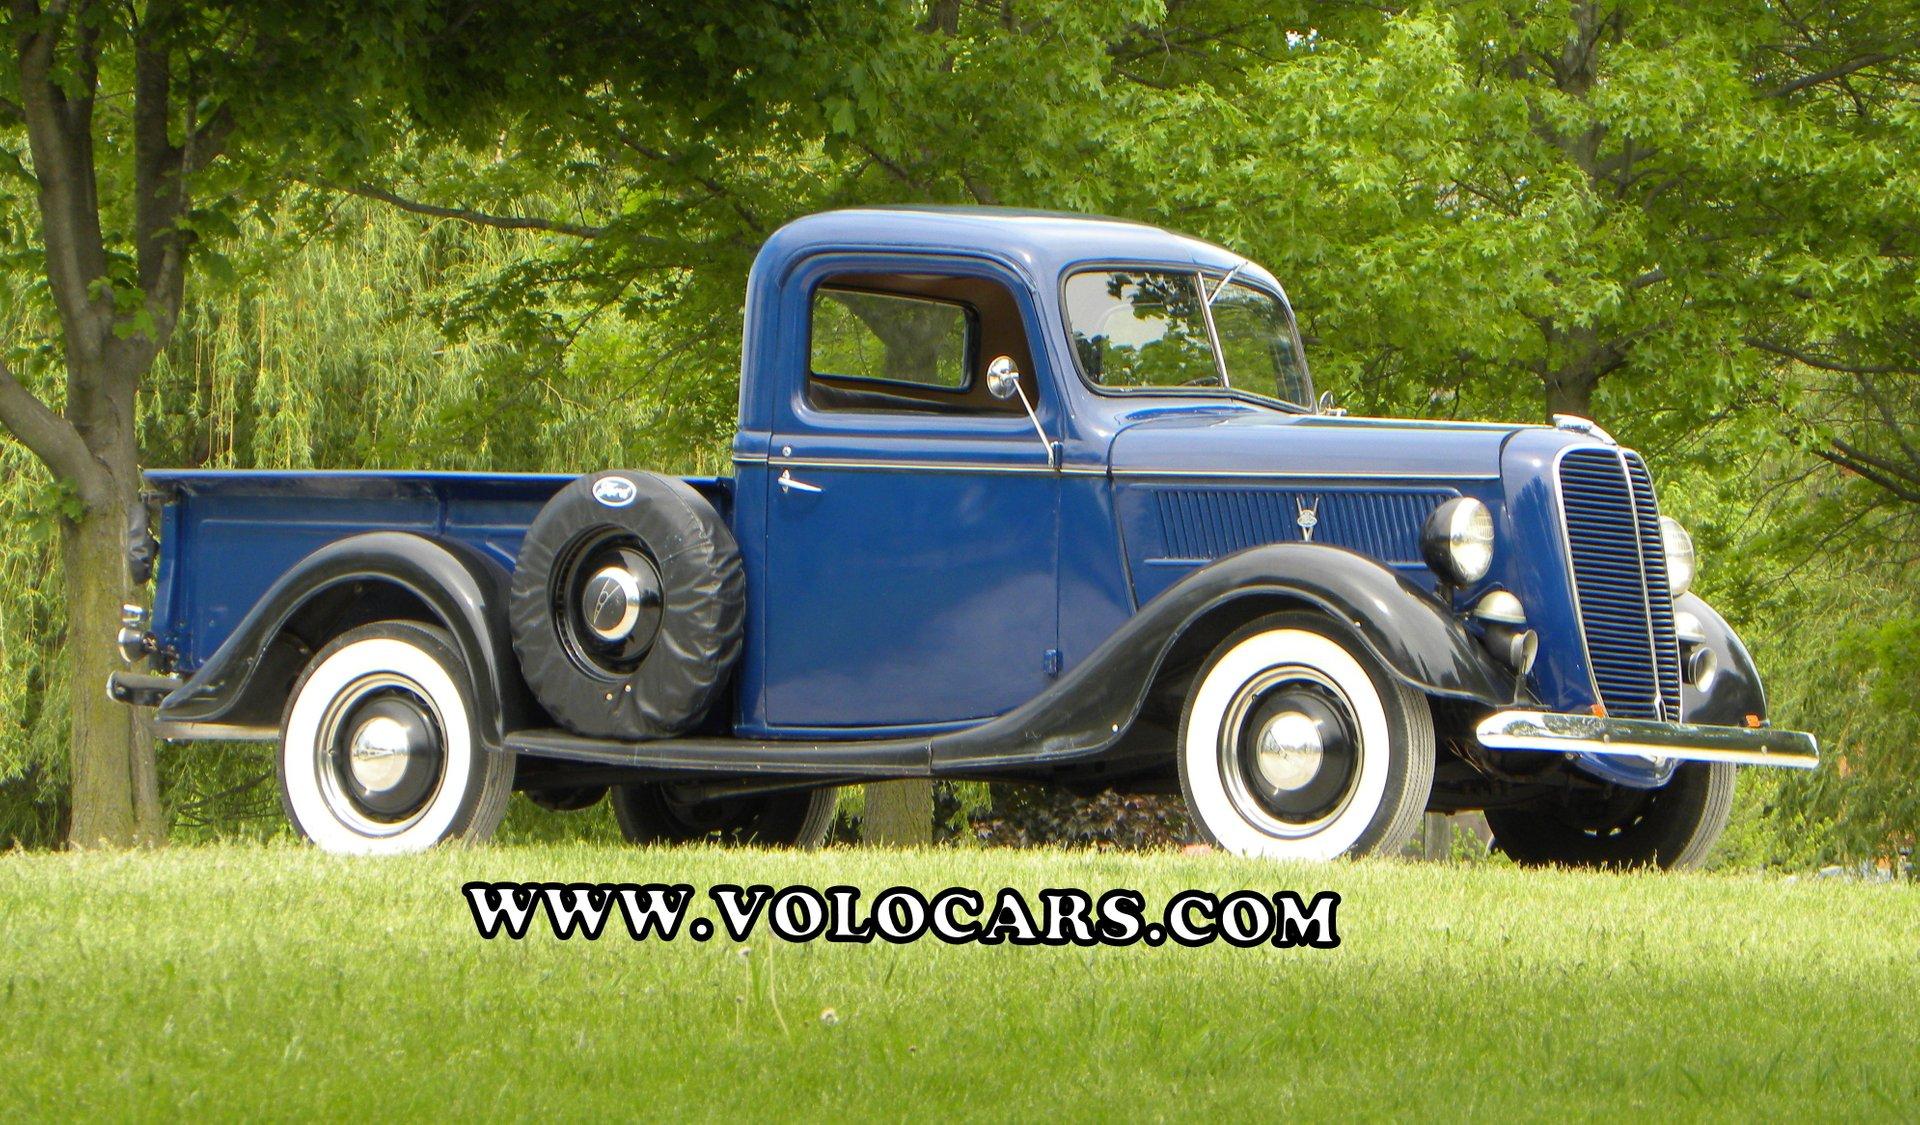 1937 Ford Model 77 Volo Auto Museum